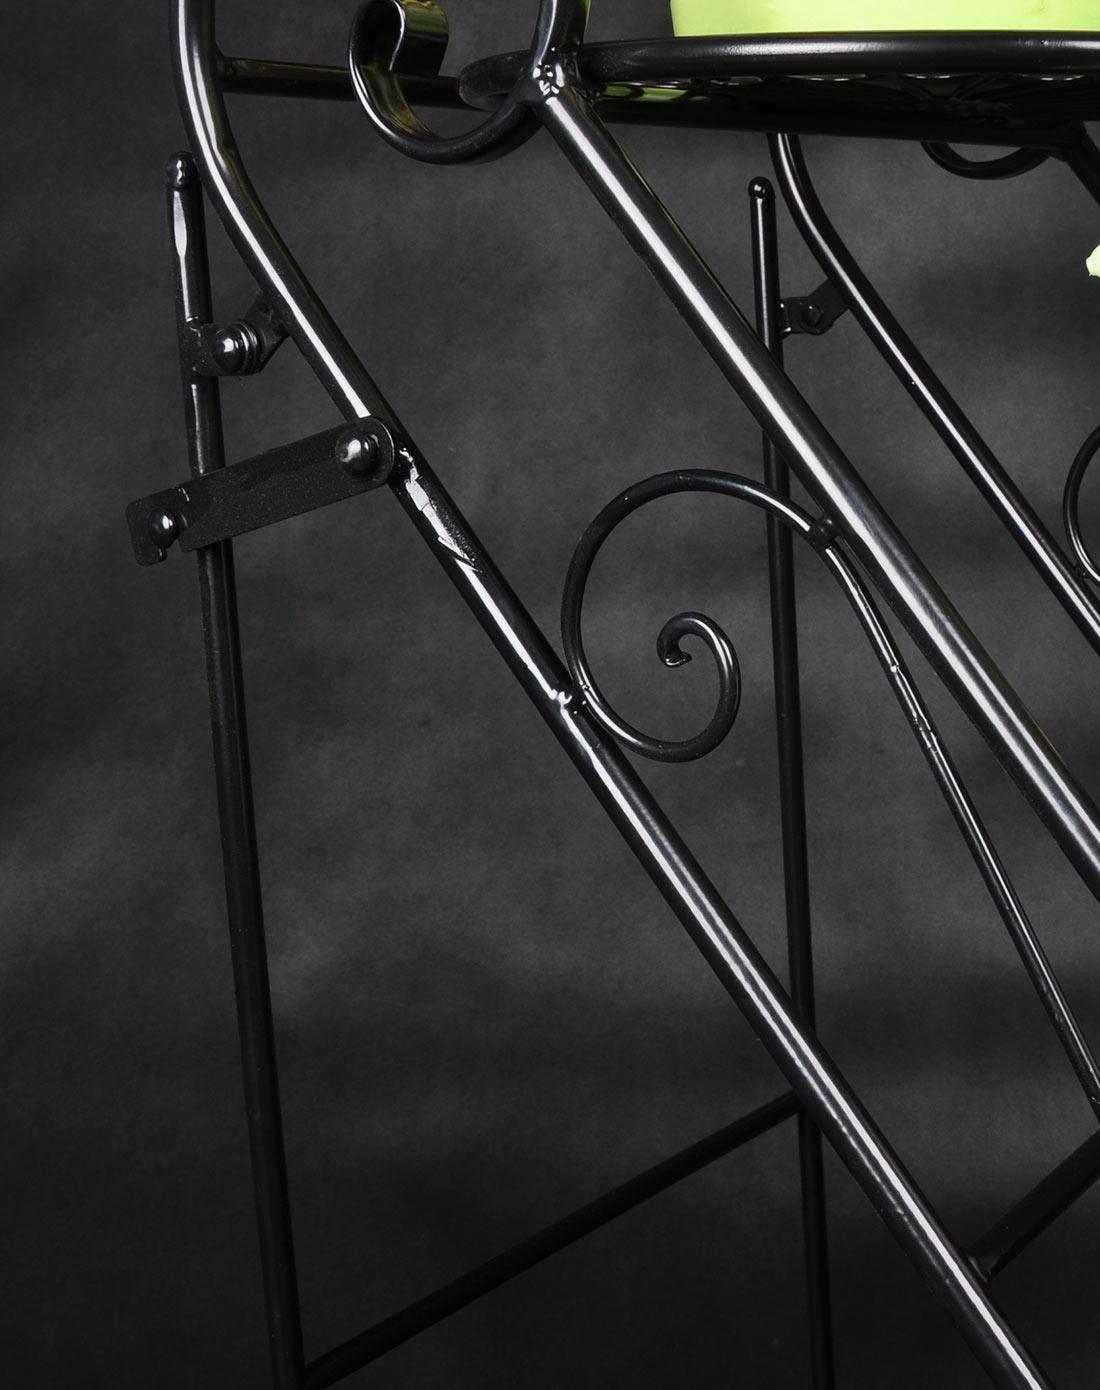 新滢铁艺黑色欧式阶梯式铁艺花架三层花盆架xy1305